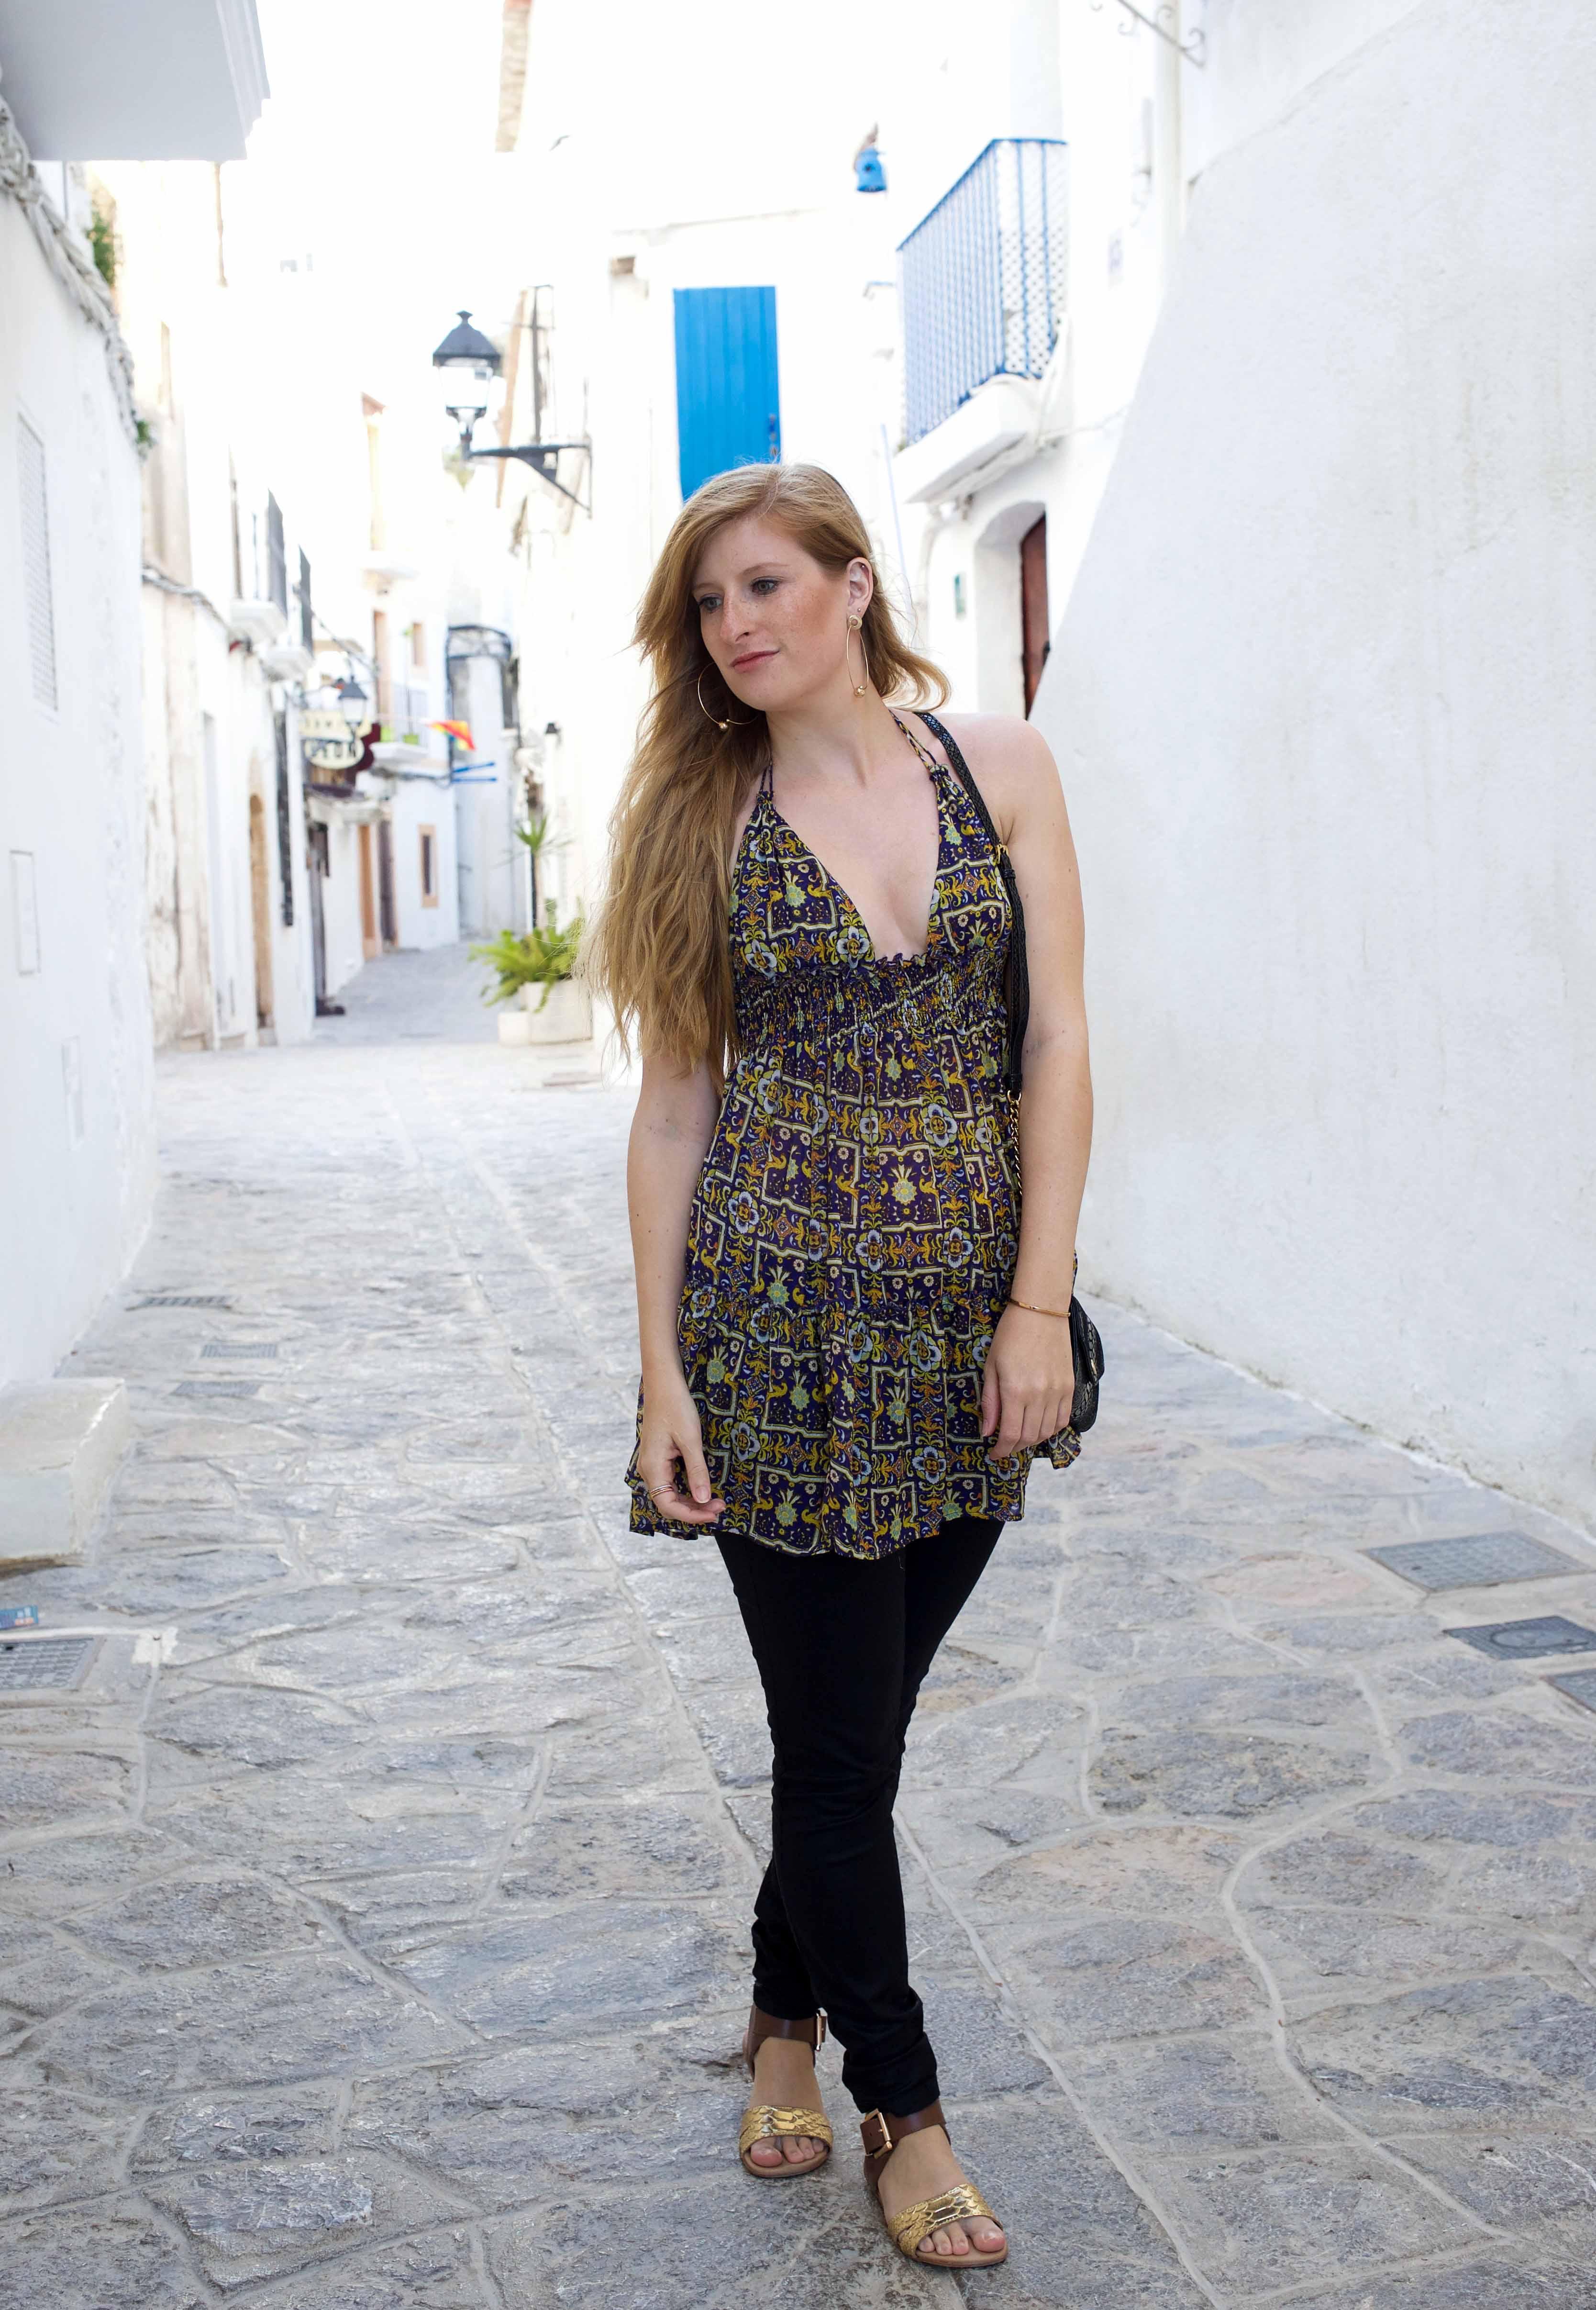 Luftiges buntes Oberteil Asos schwarze Skinny Jeans Frühlingsoutfit Ibiza Modeblogger Deutschland 8